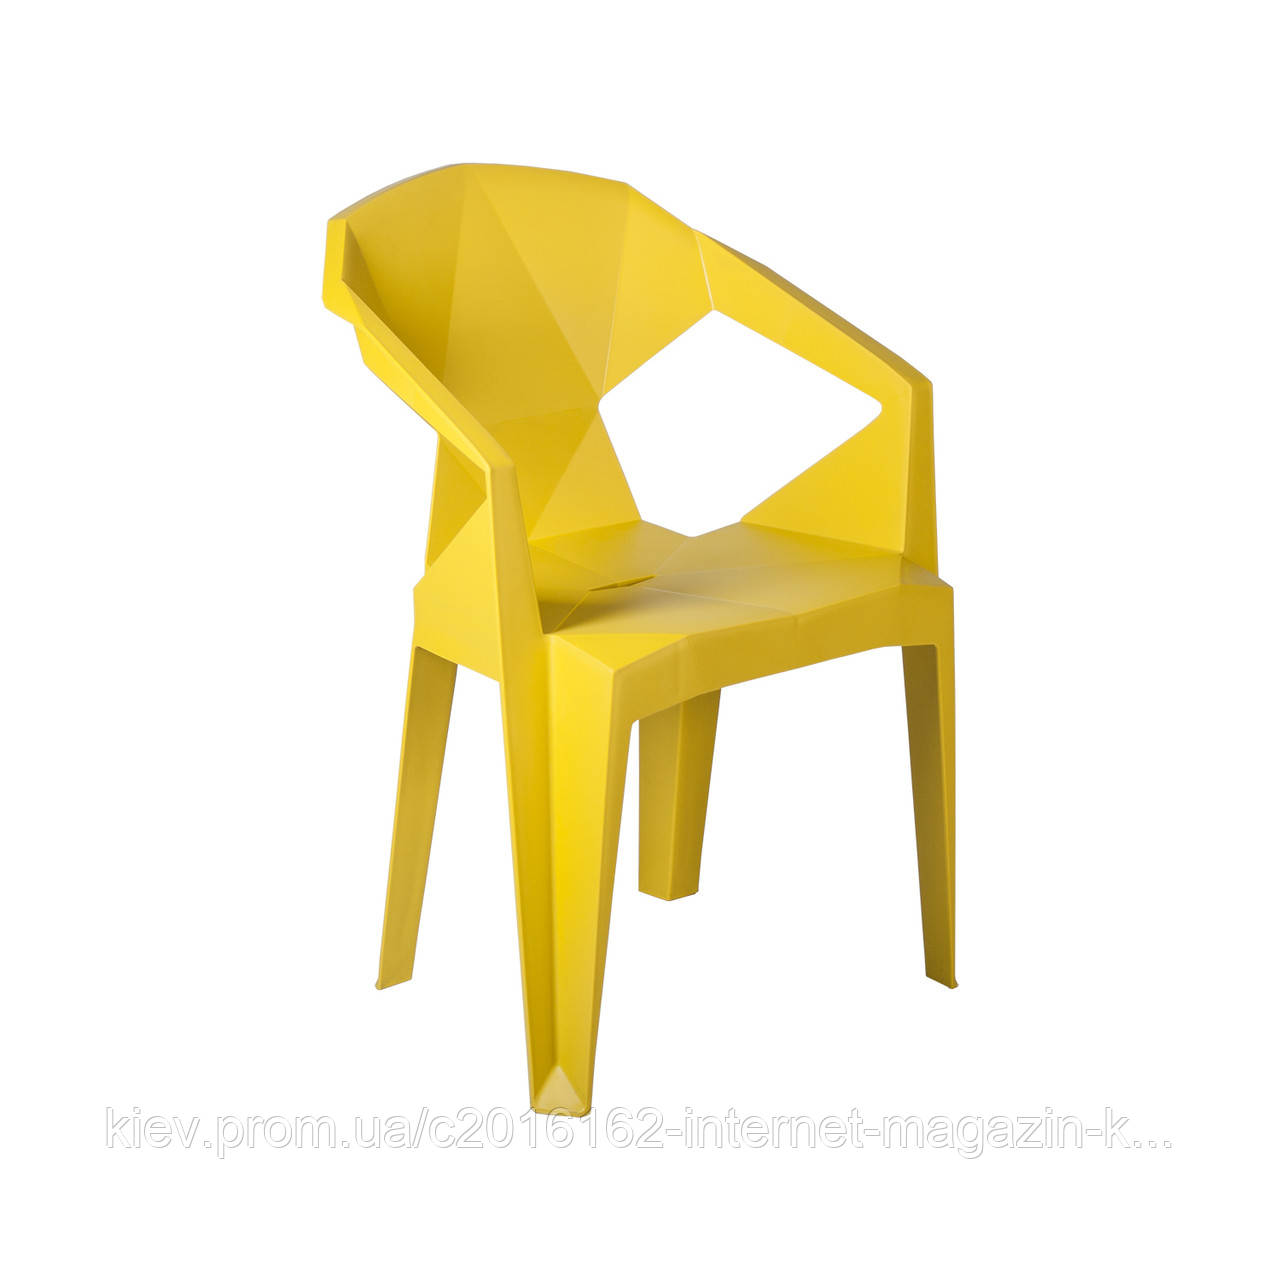 Кресло пластиковое для сада MUZE MUSTARD PLASTIC